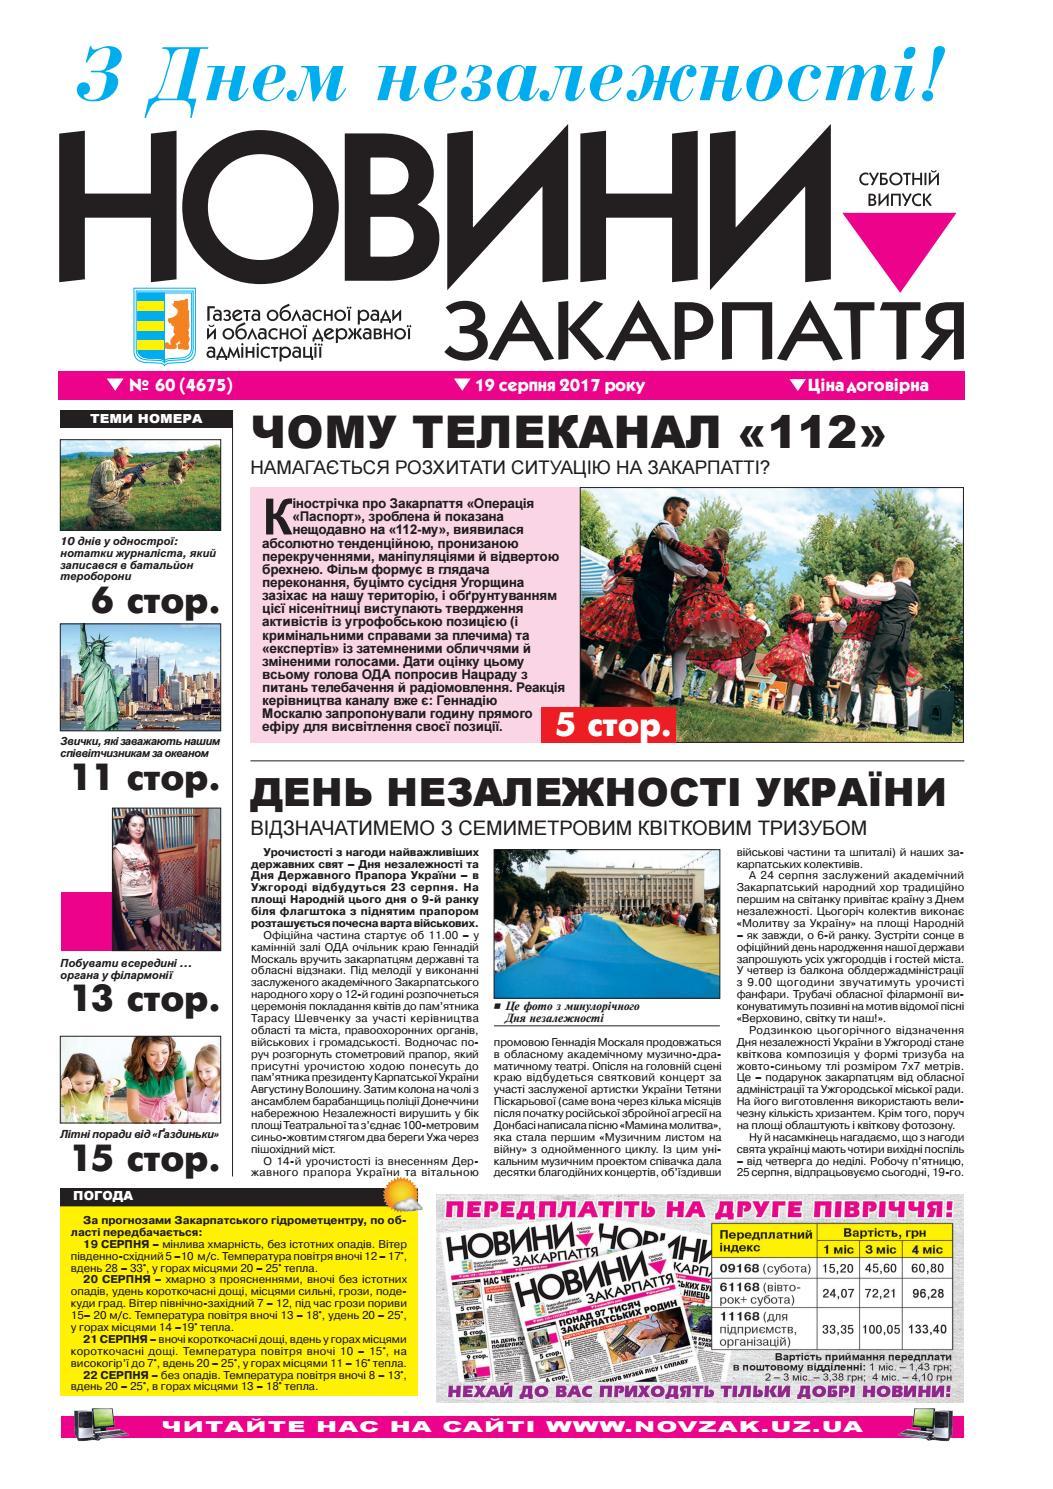 ef393be6f19d87 Novini 19\08\2017 № 60 (4675) by Новини Закарпаття - issuu